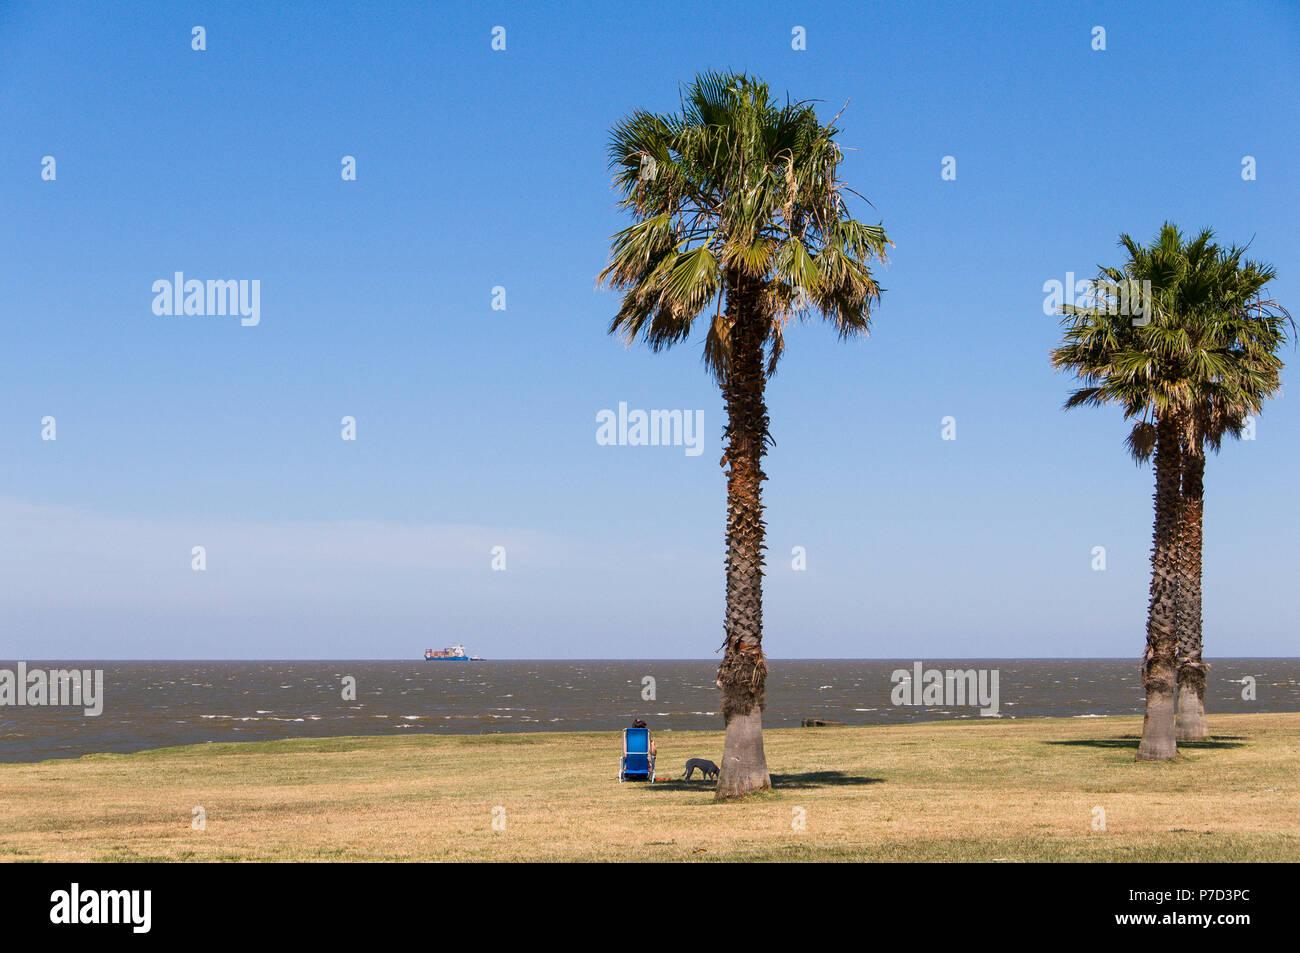 Man alone with deckchair at the Rambla, promenade at the Rio de la Plata, Montevideo, Uruguay - Stock Image